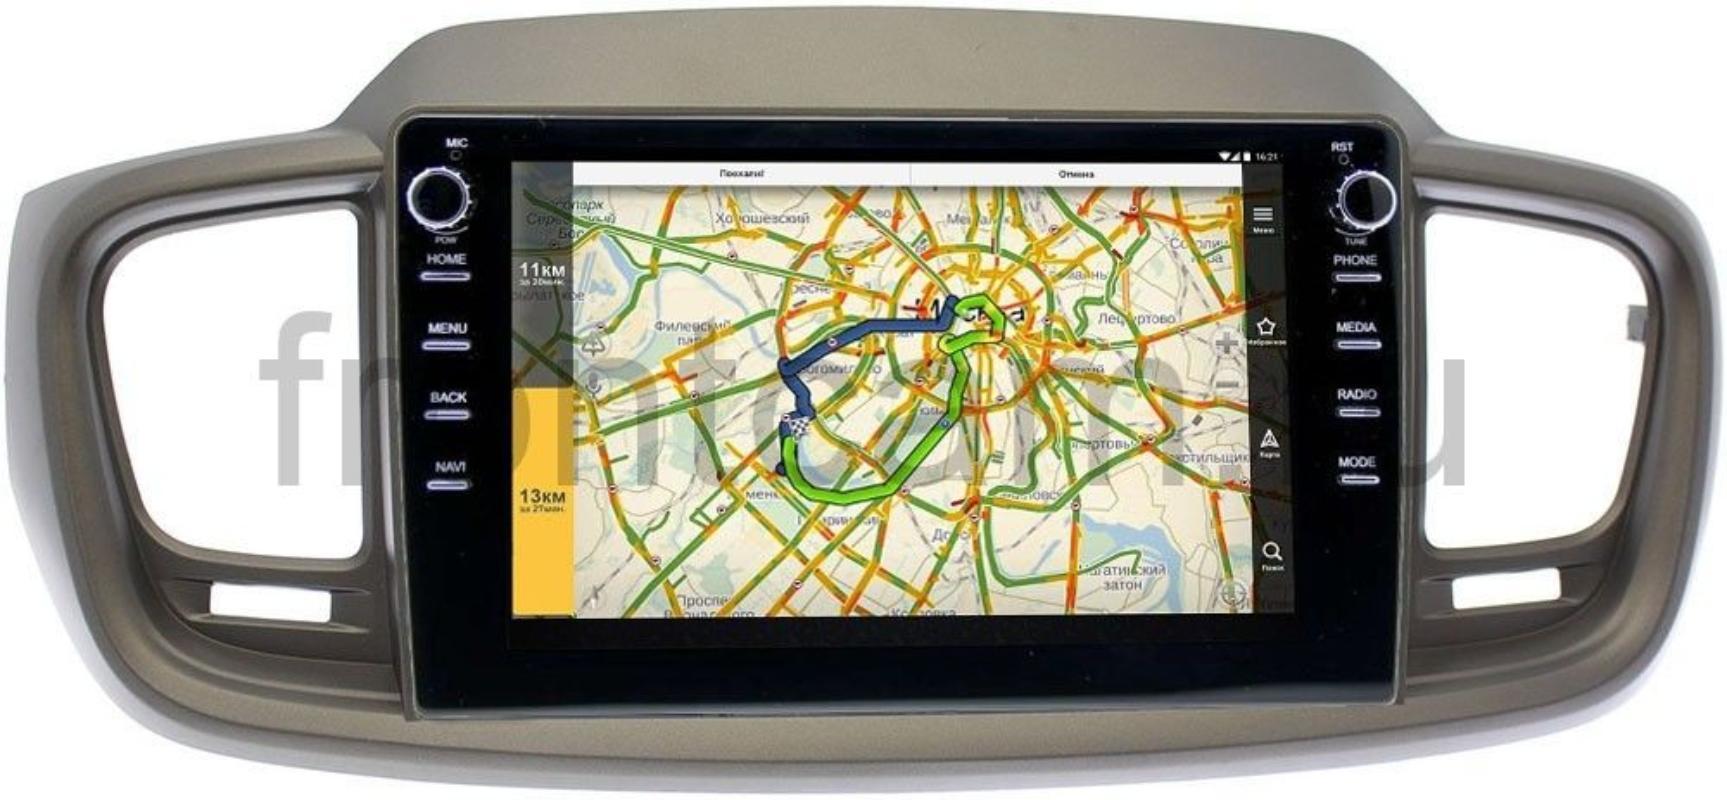 Штатная магнитола LeTrun 3149-10-1125 для Kia Sorento III Prime 2015-2020 на Android 10 (DSP 2/16 с крутилками) (+ Камера заднего вида в подарок!)